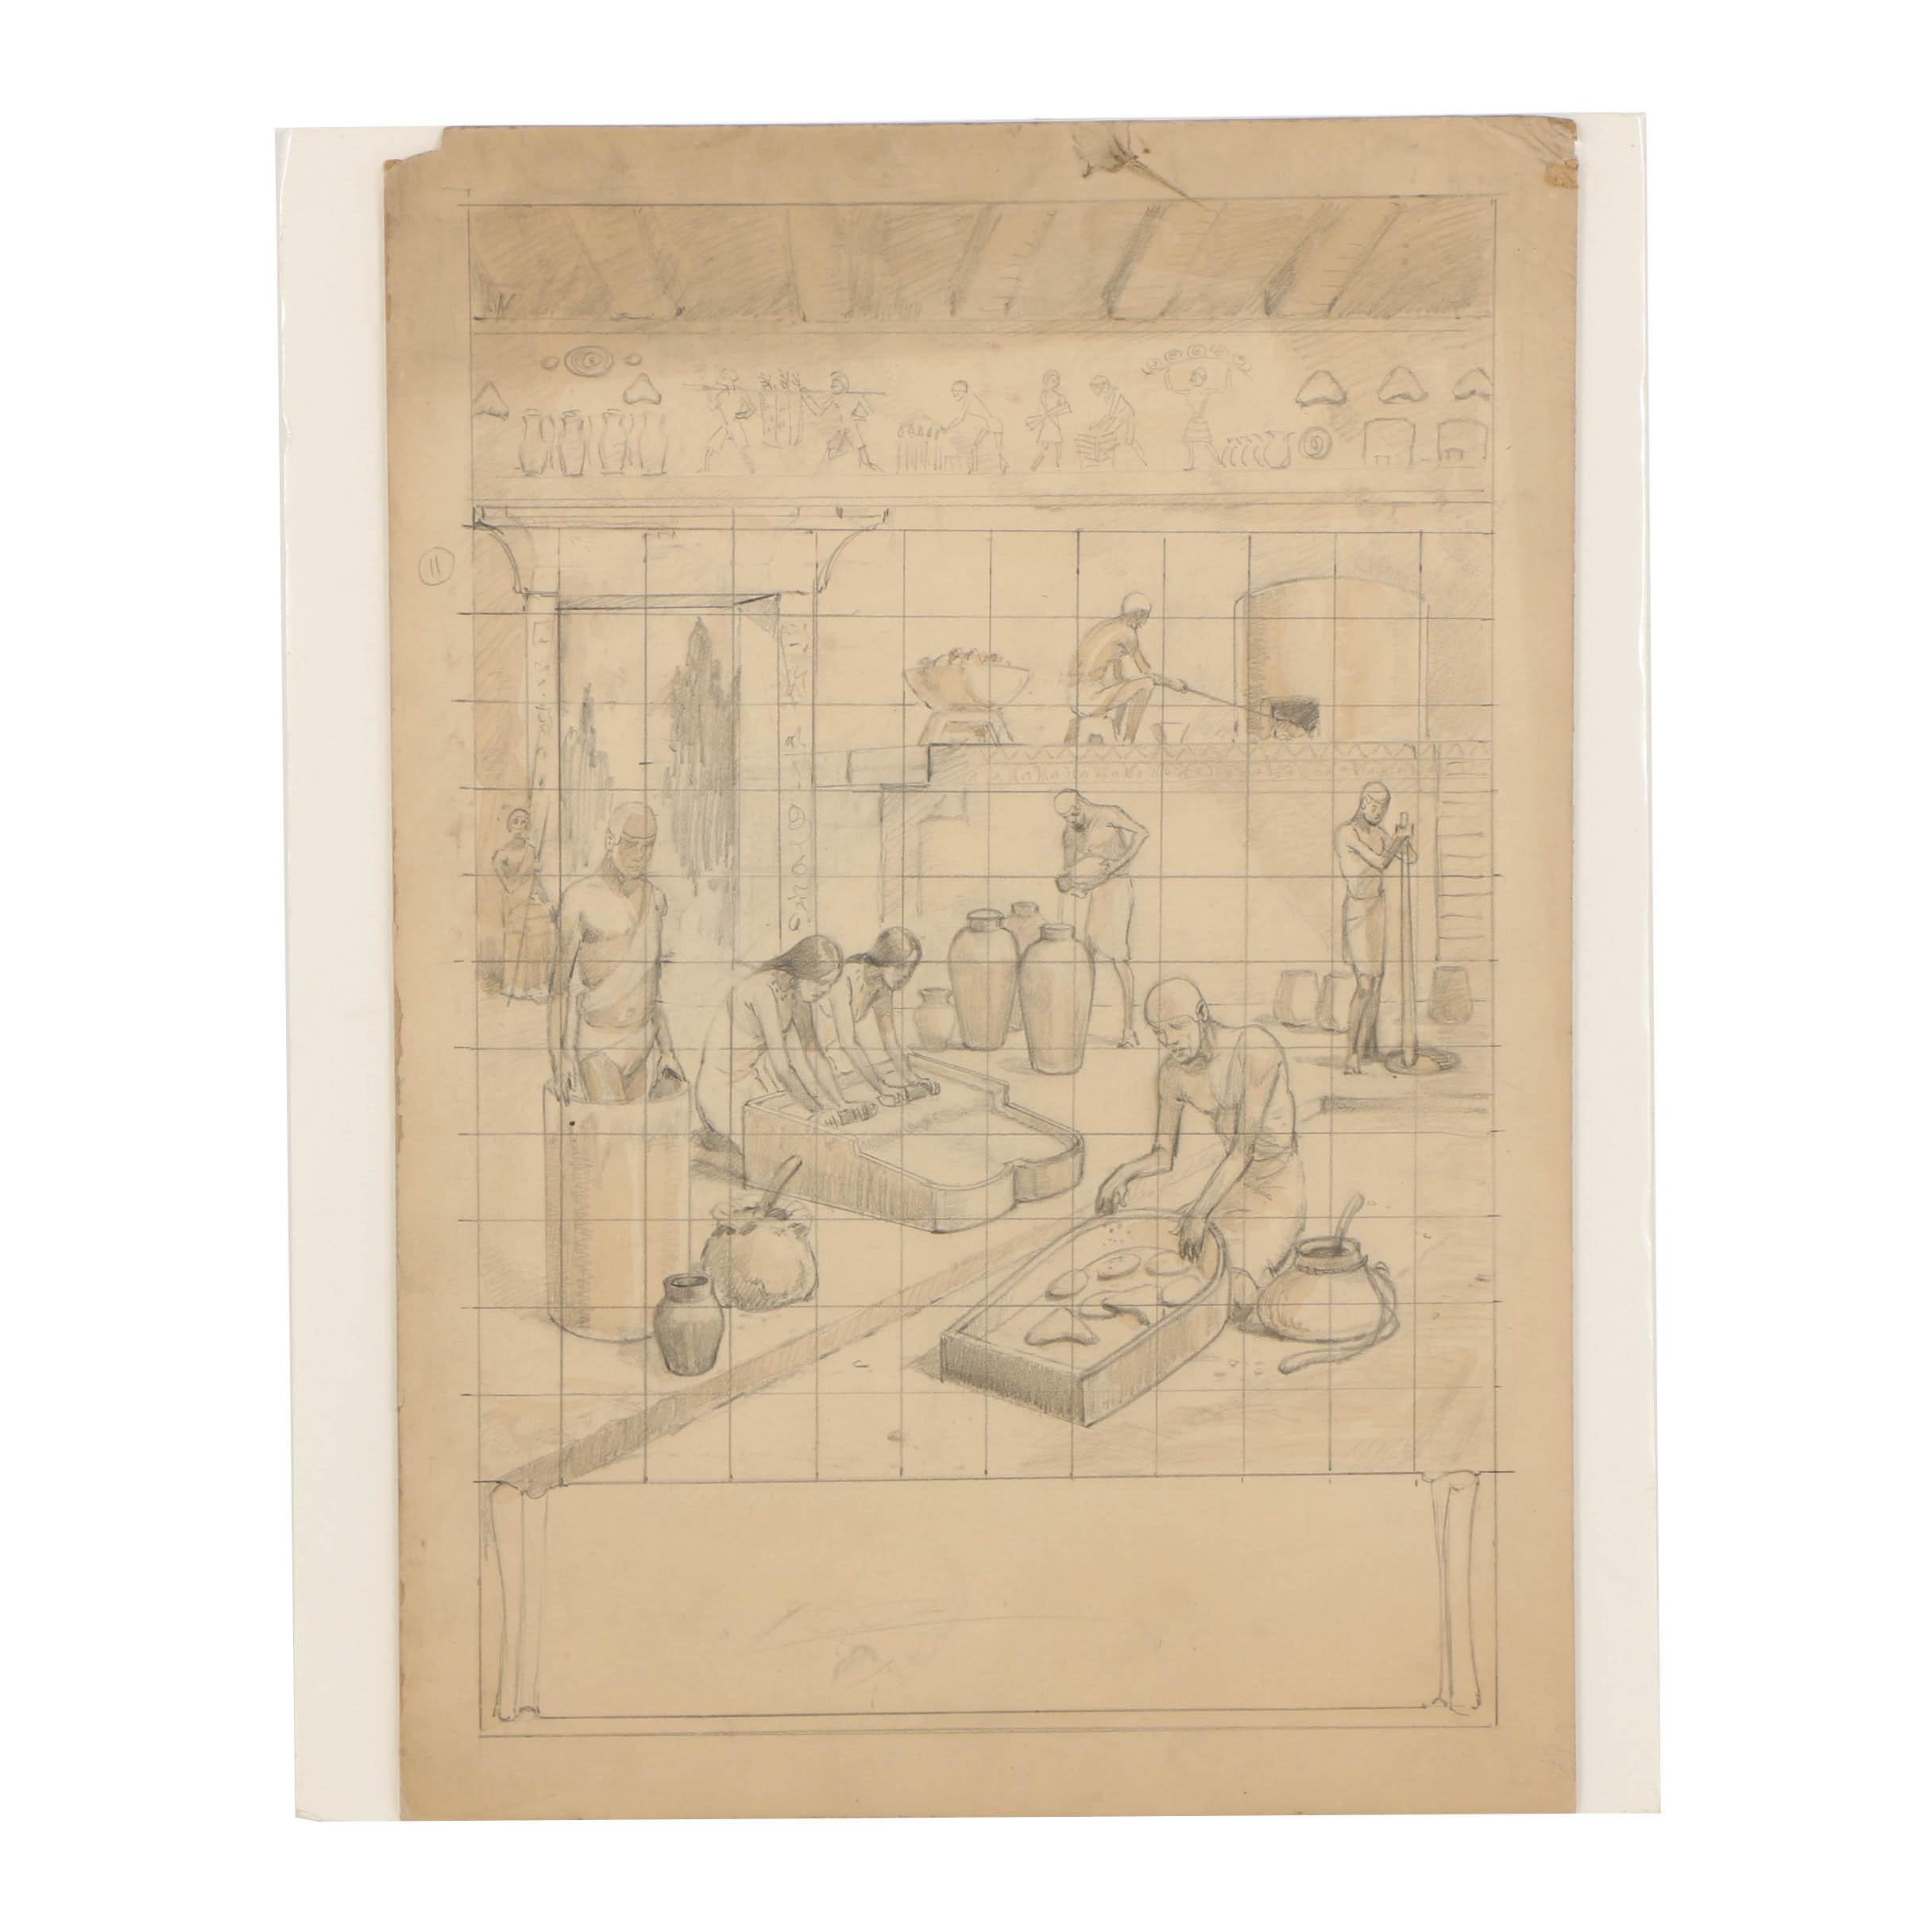 Graphite Drawing on Board of Figurative Scene